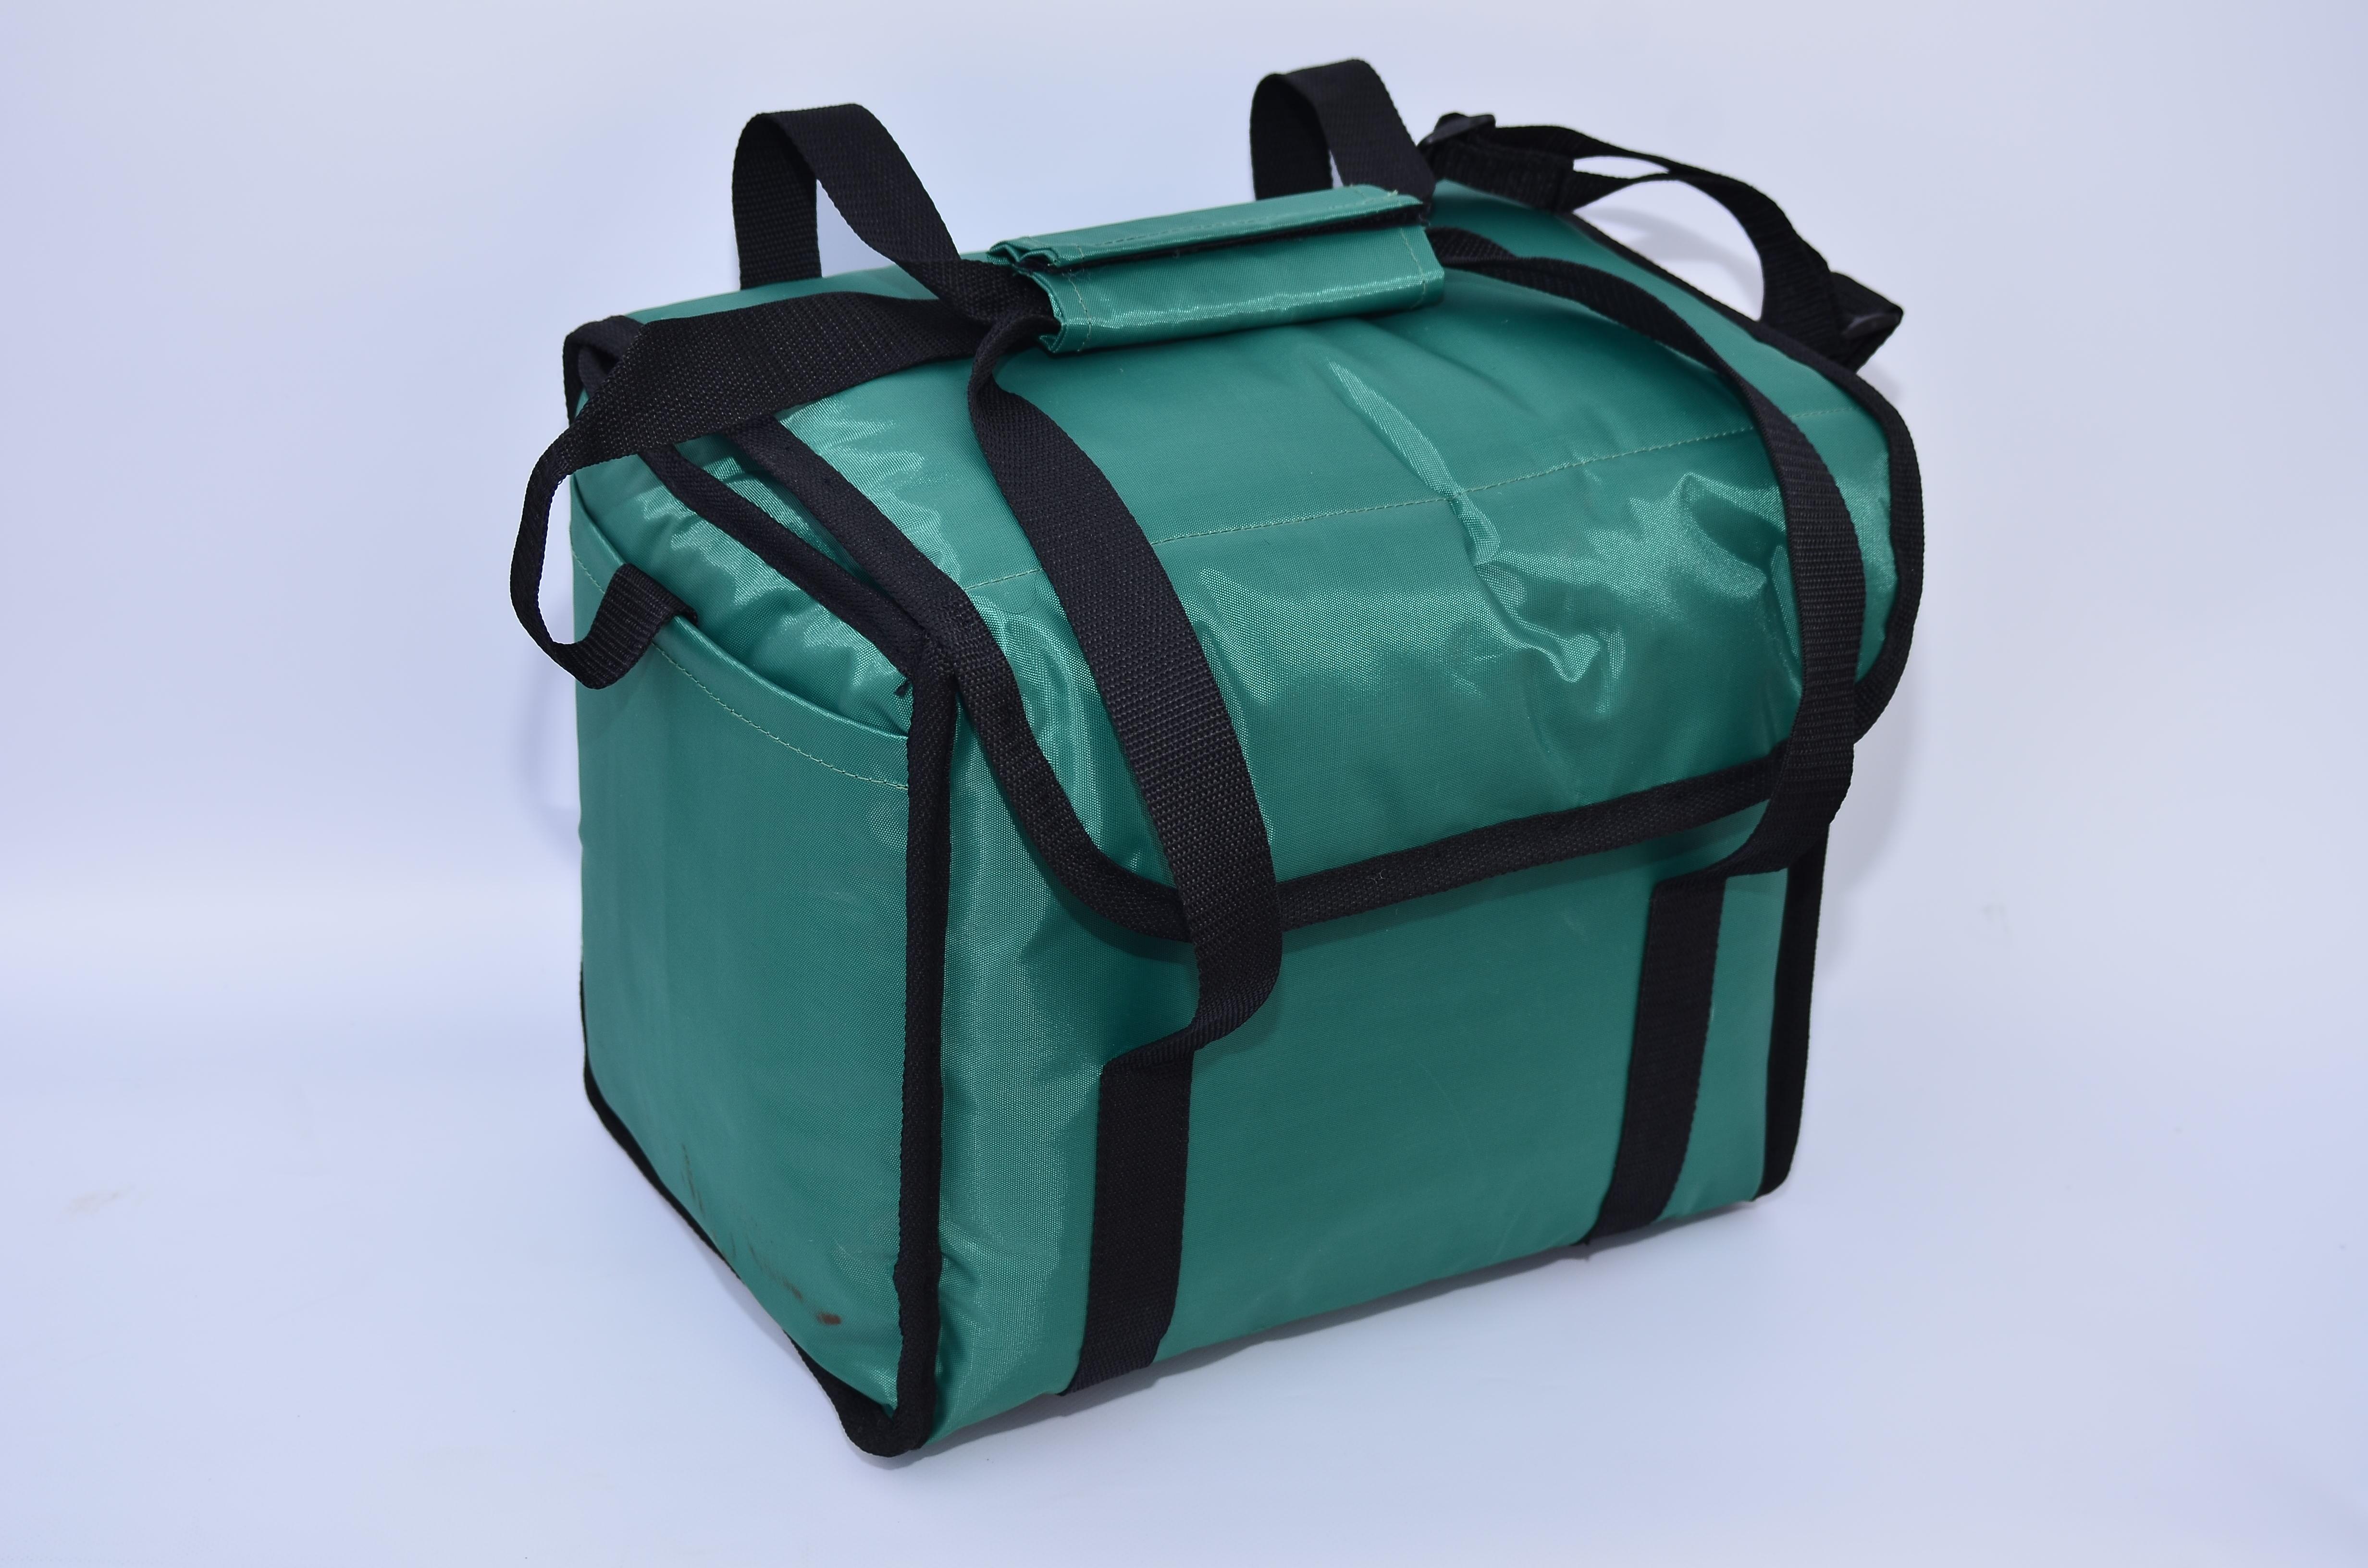 fff056d6ab58 Свою историю такой аксессуар, как сумка начинает много веков назад. Первое  упоминает об этом удобном аксессуаре, мы можем встретить в мифах о Персее,  ...